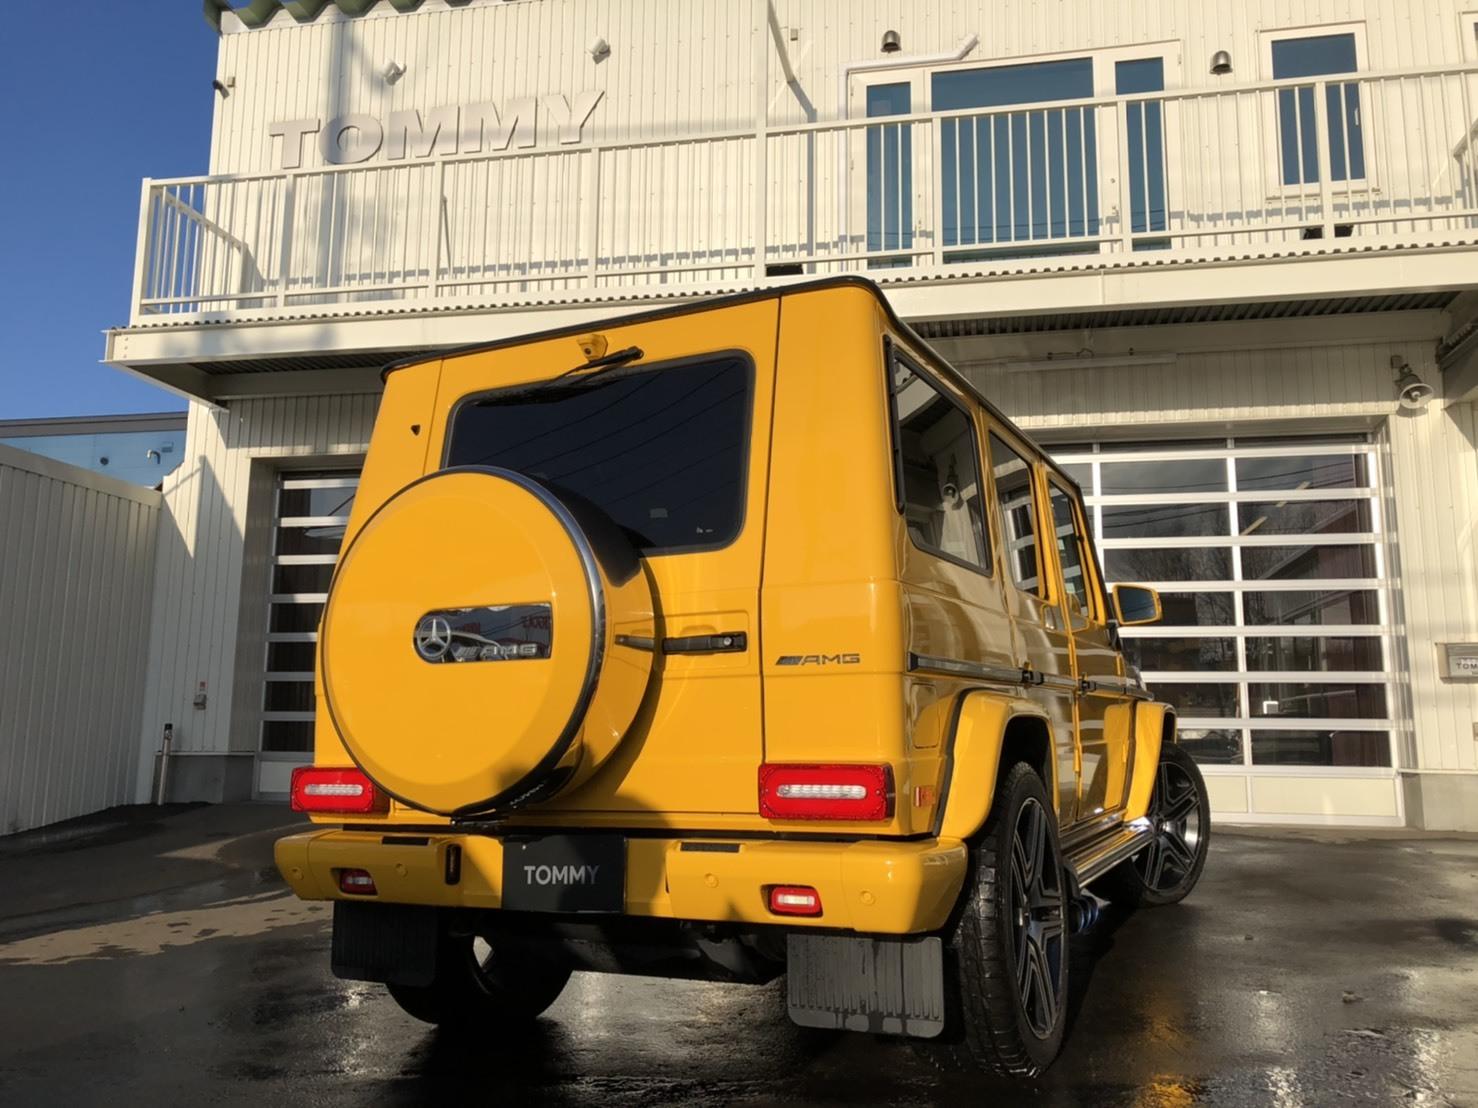 1月23日(木)ランドクルーザー100 VXリミテッド 4.7VXリミテッド 4WD あります♬  ランクル ハマー エスカレードならTOMMY☆彡_b0127002_18434113.jpg